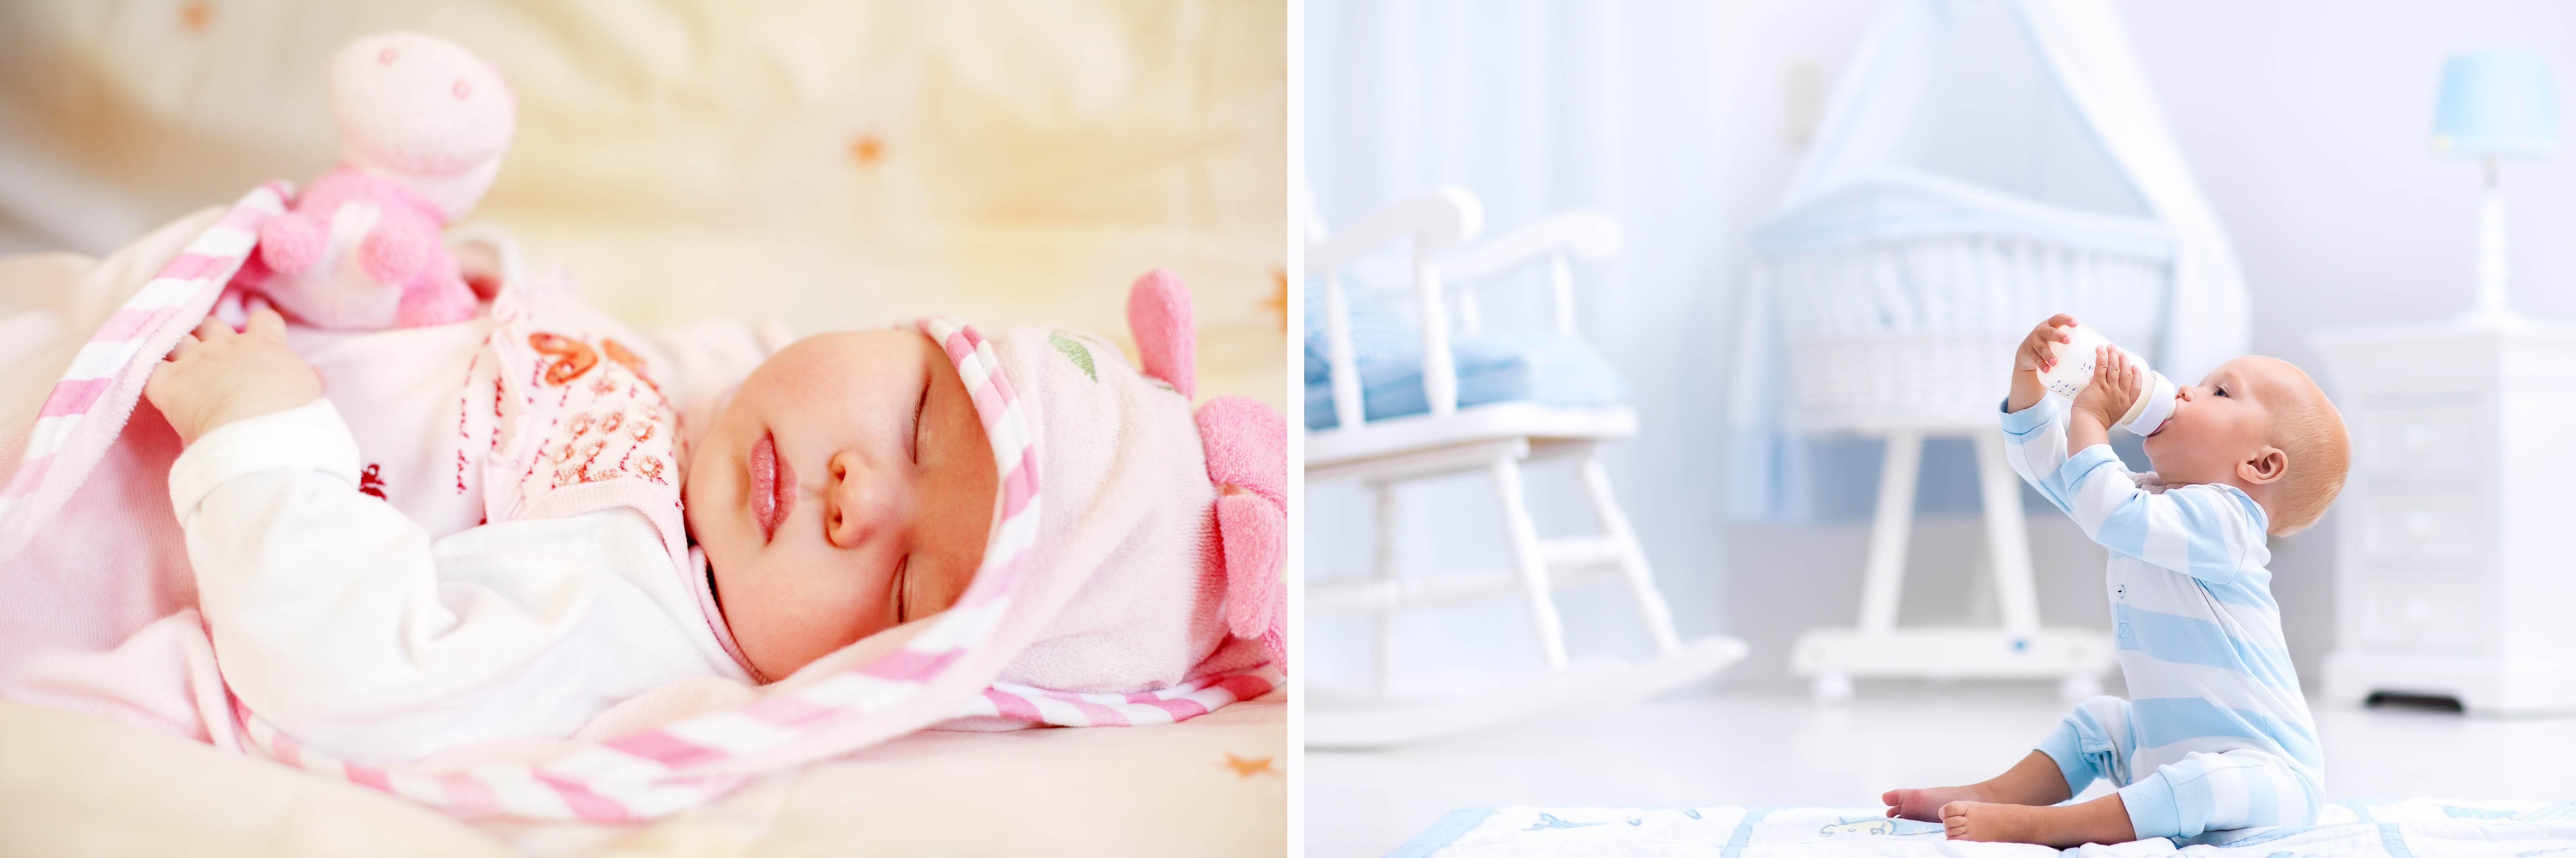 15 verrassende babynamen die met een Z beginnen